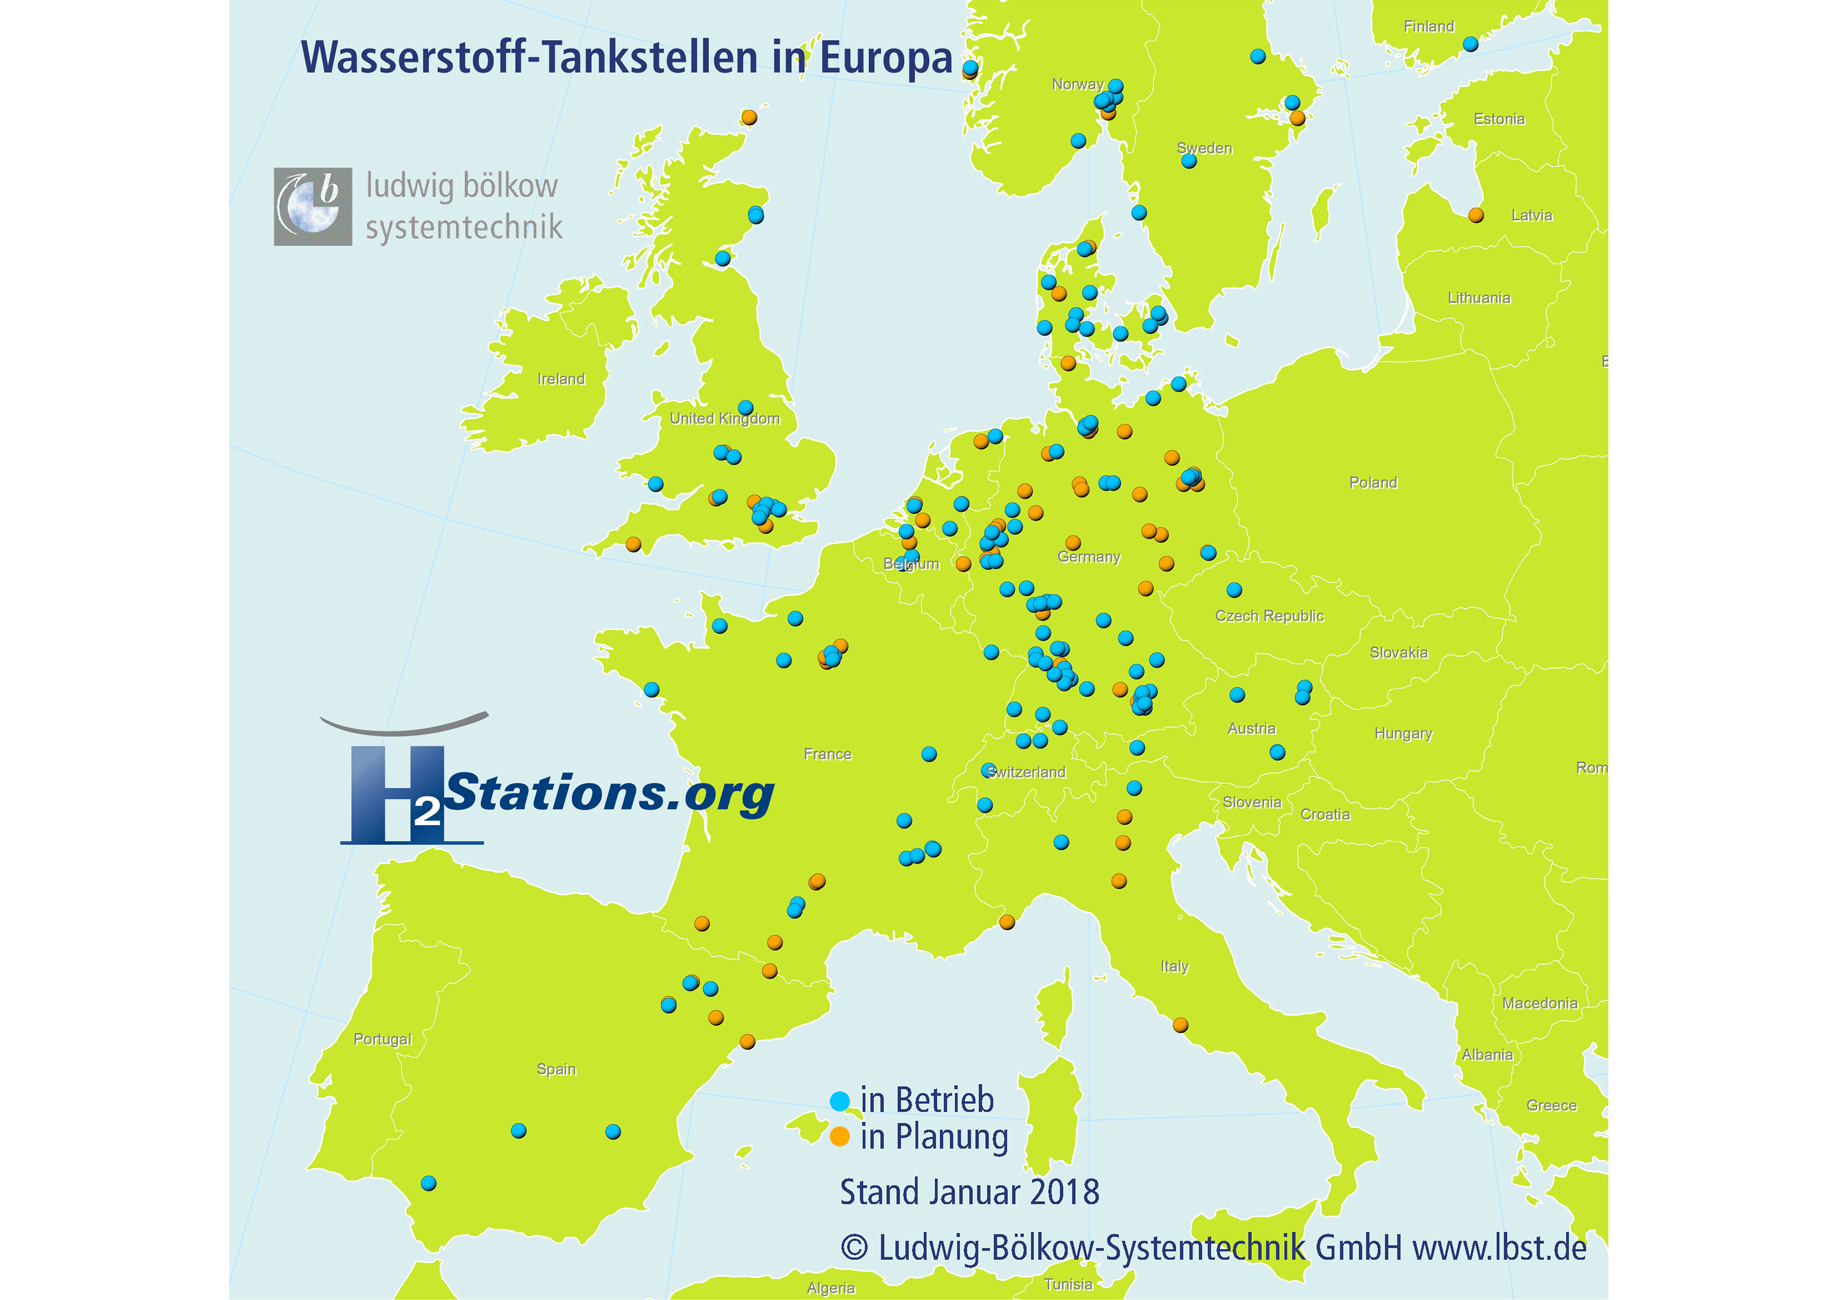 Wasserstoff-Tankstellen-Europa-2018